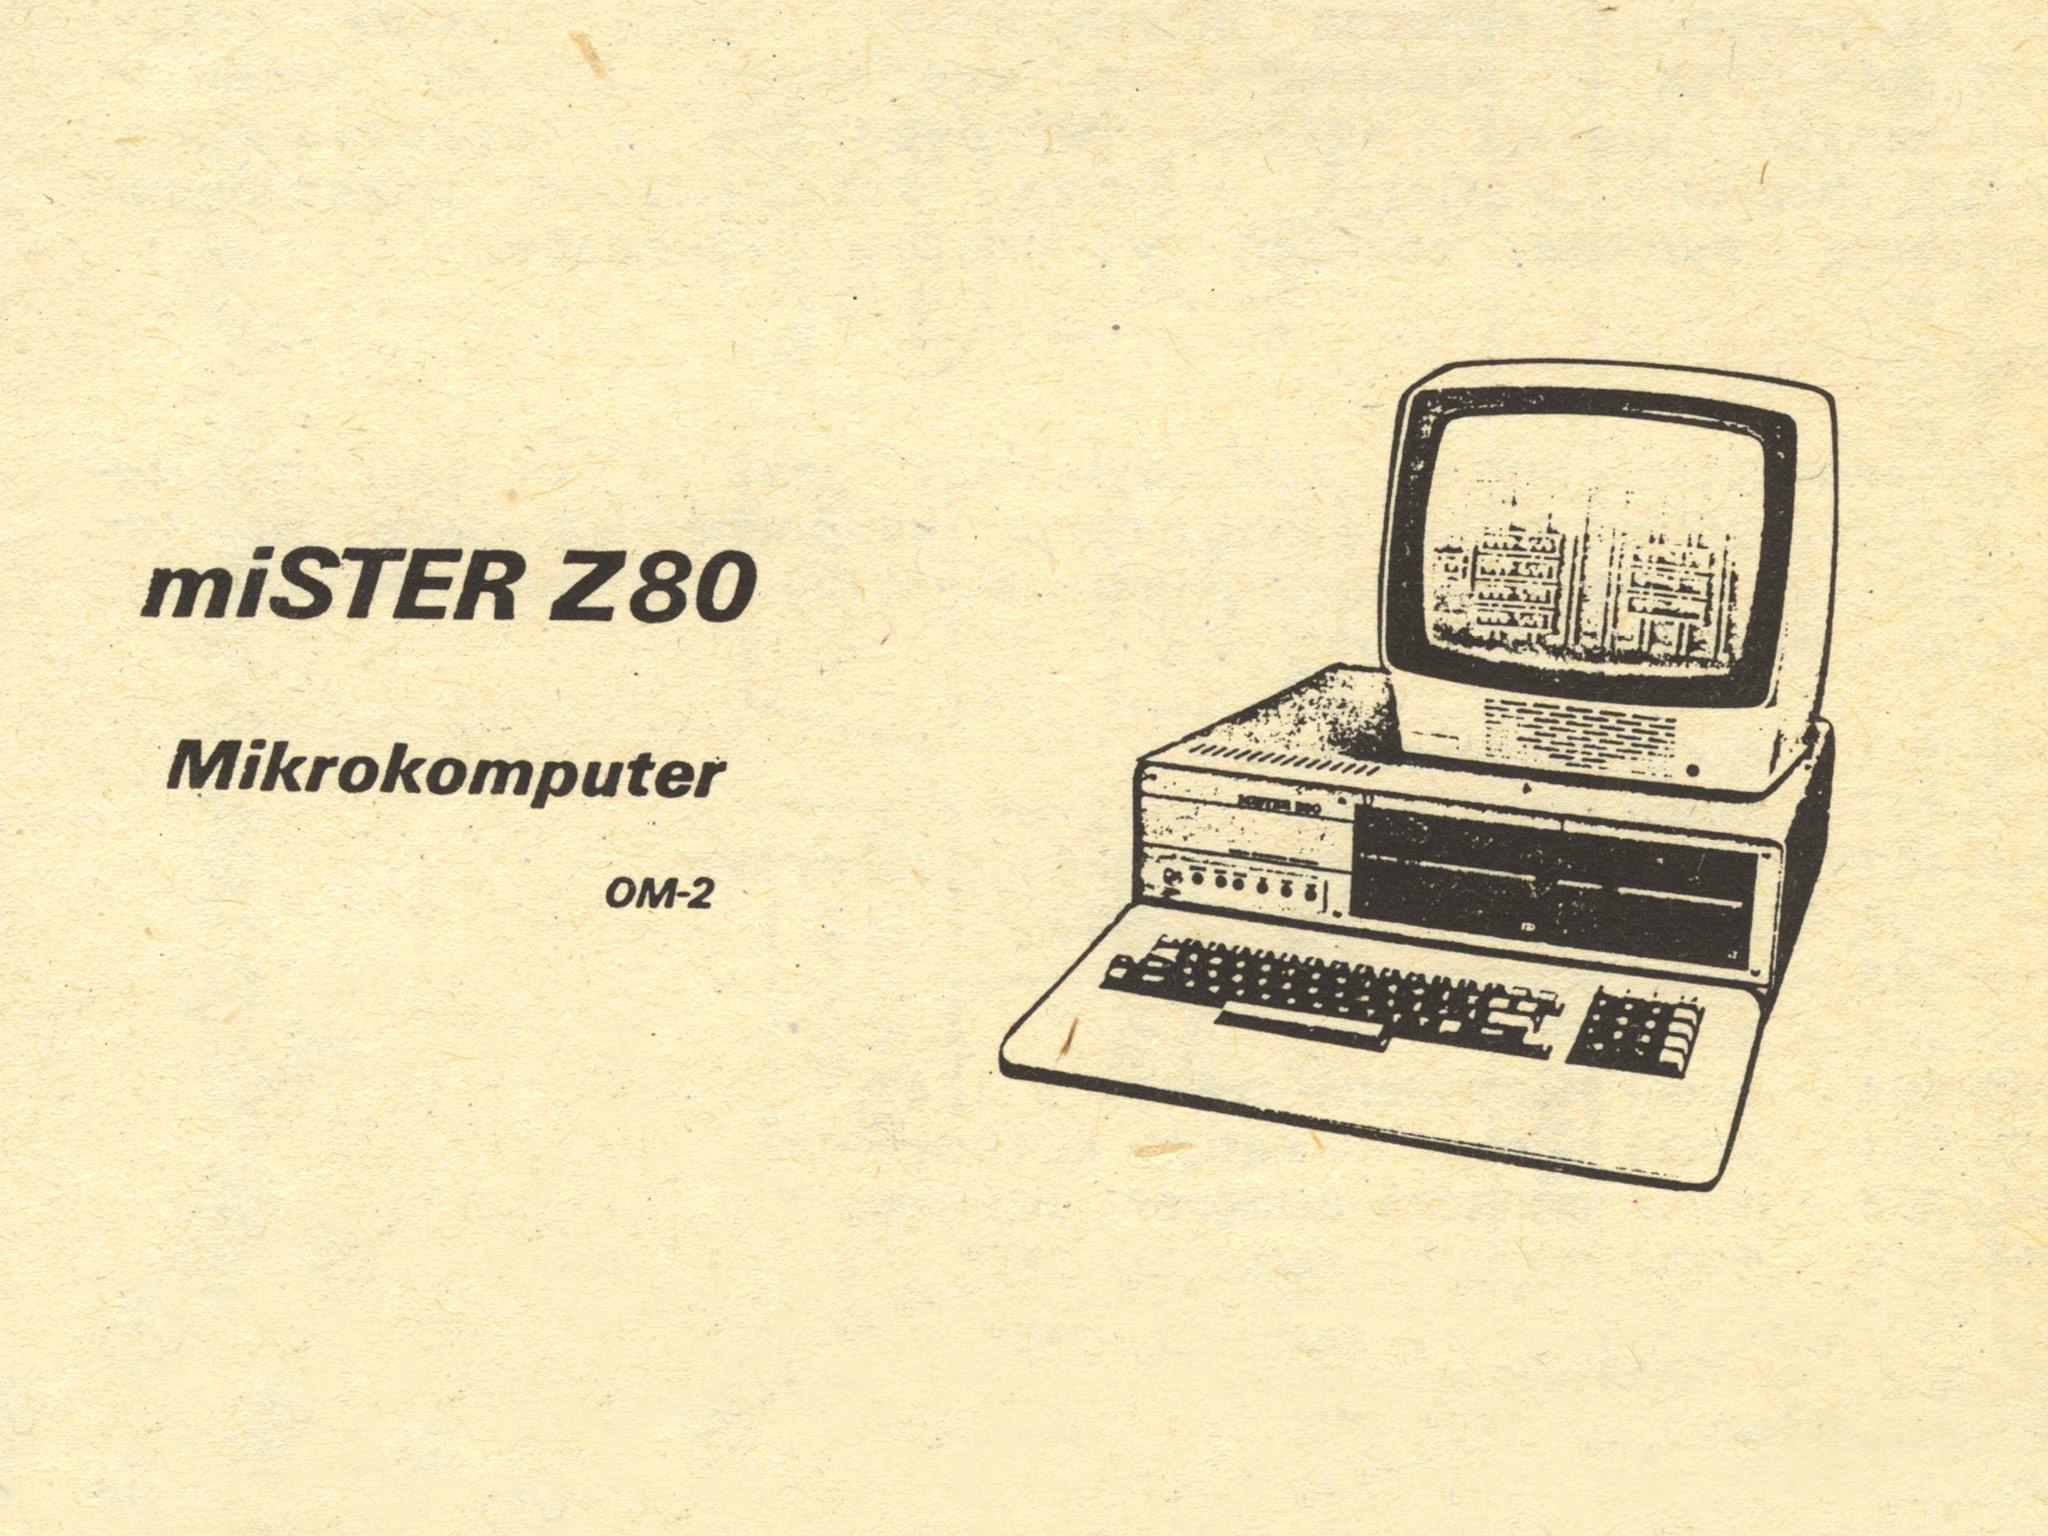 miSTER Z80-OM-2 – prospekt informacyjny